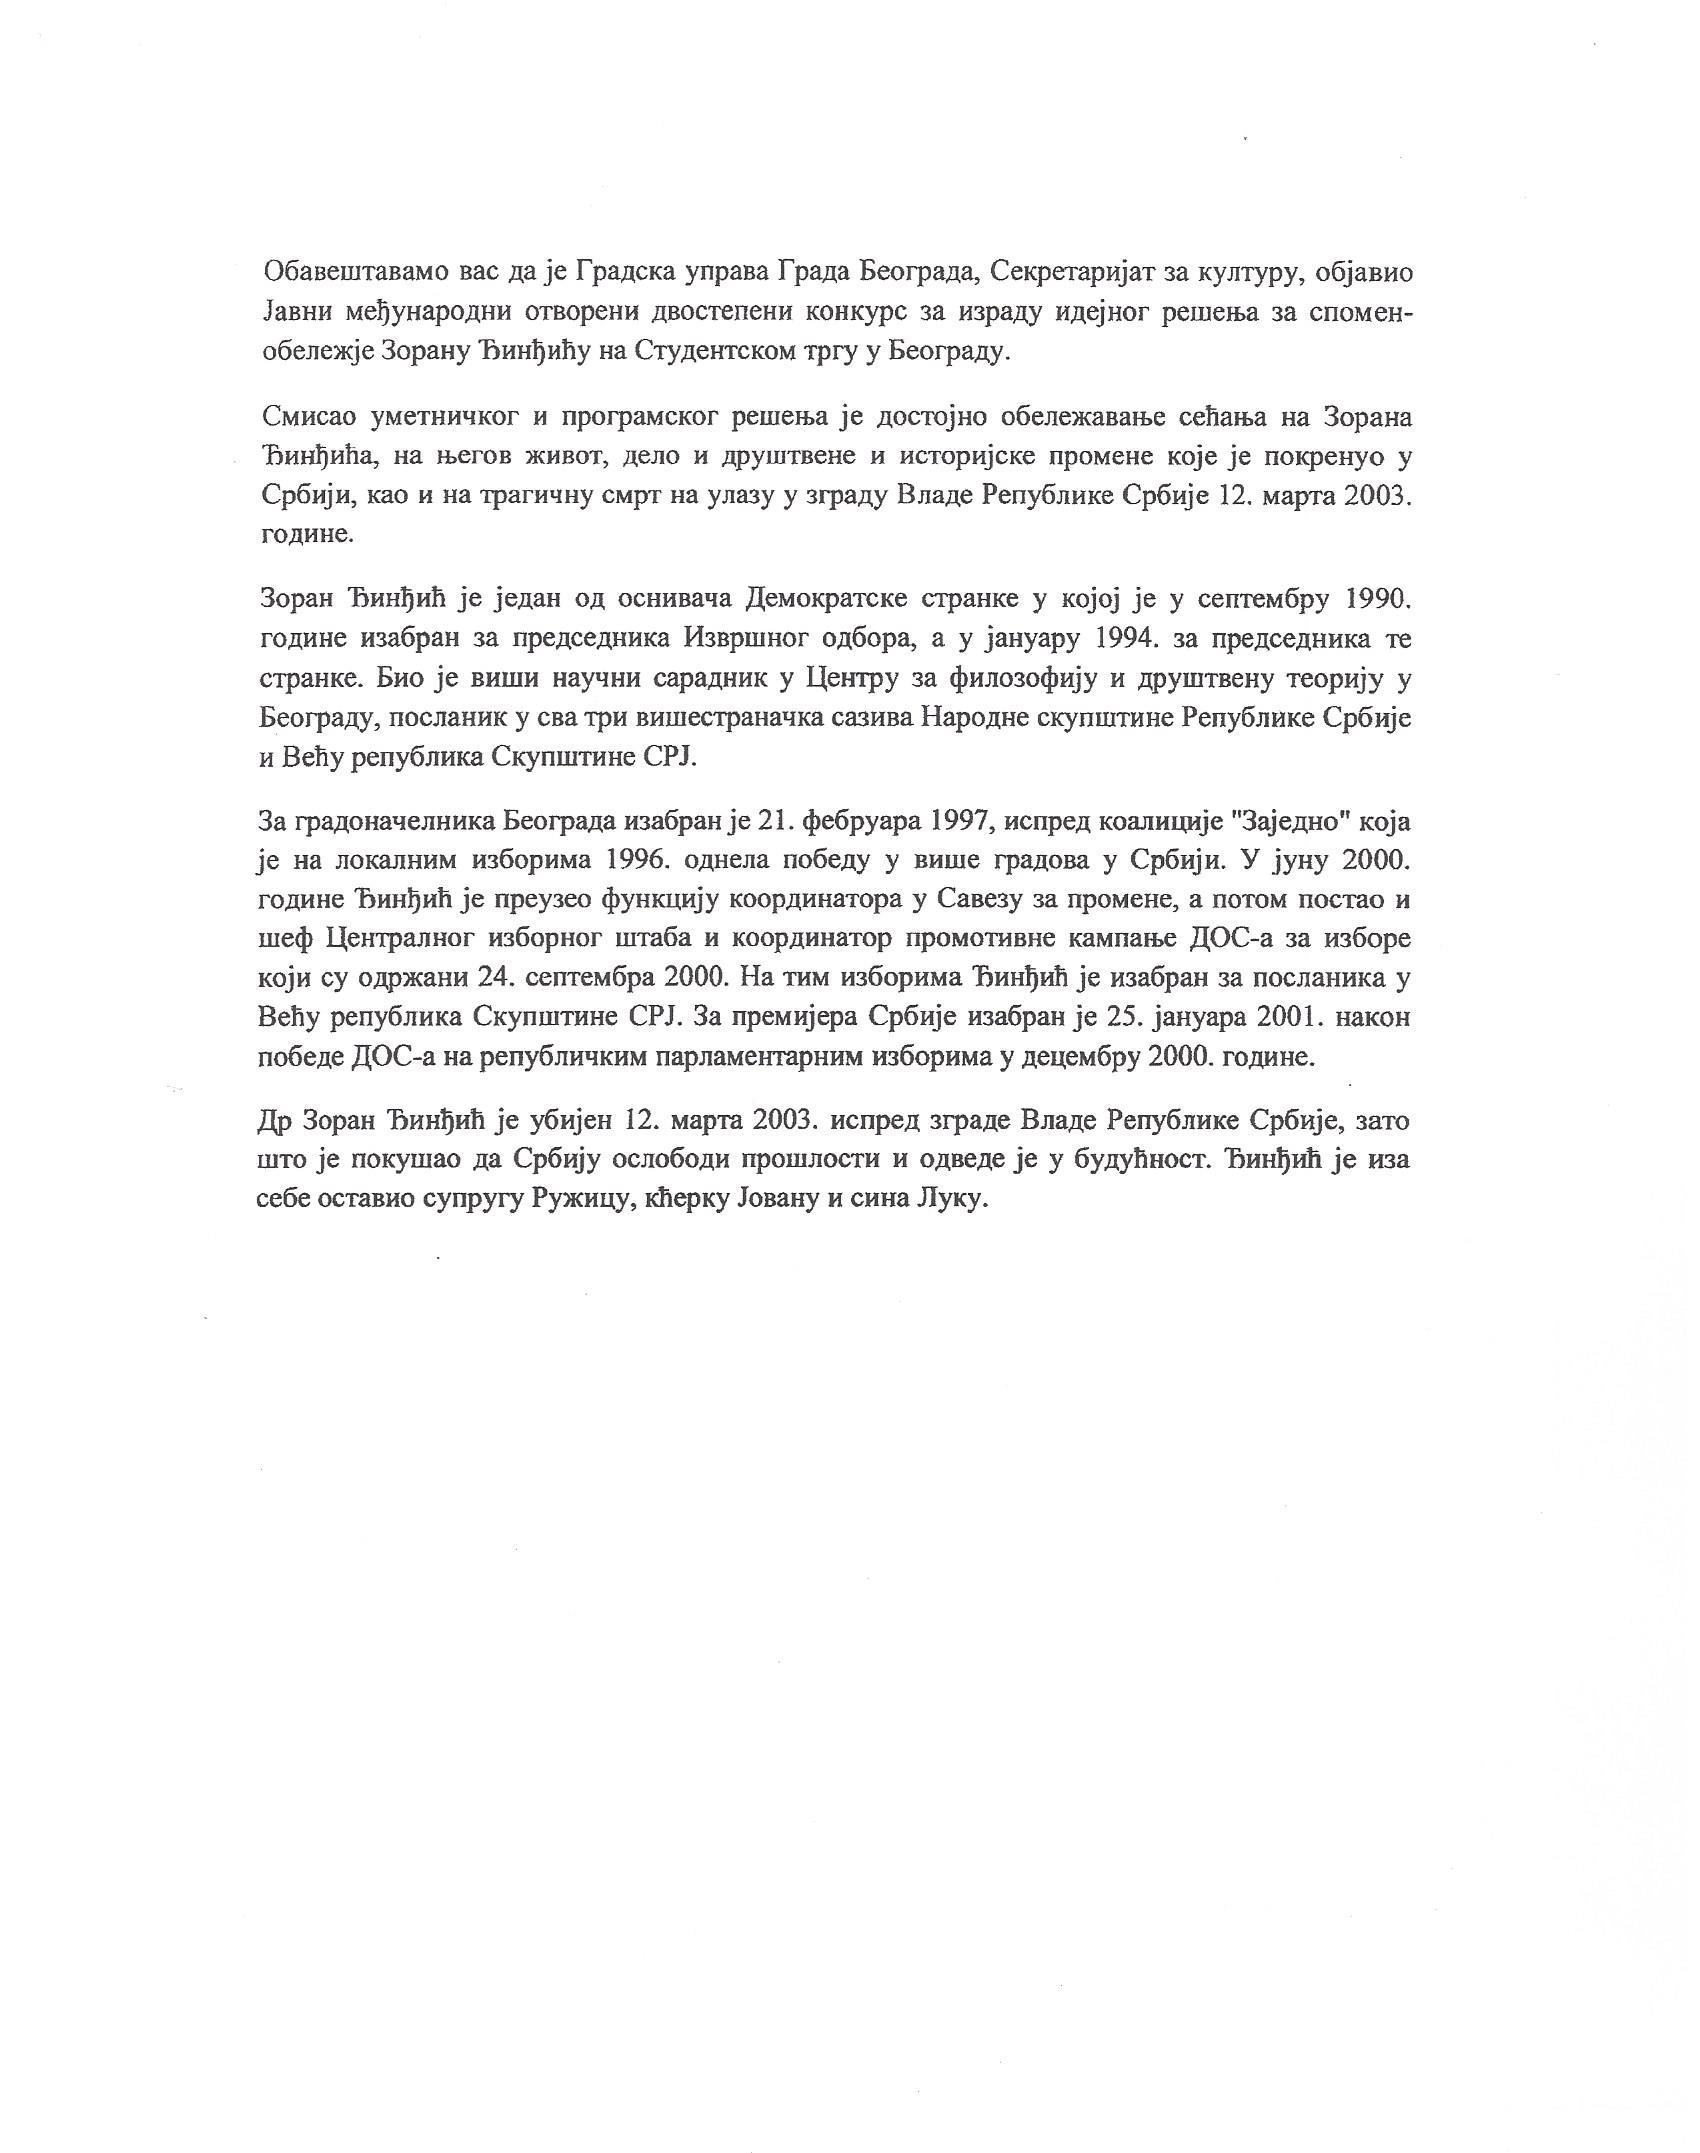 Zoran Djindjic, spomen obelezje